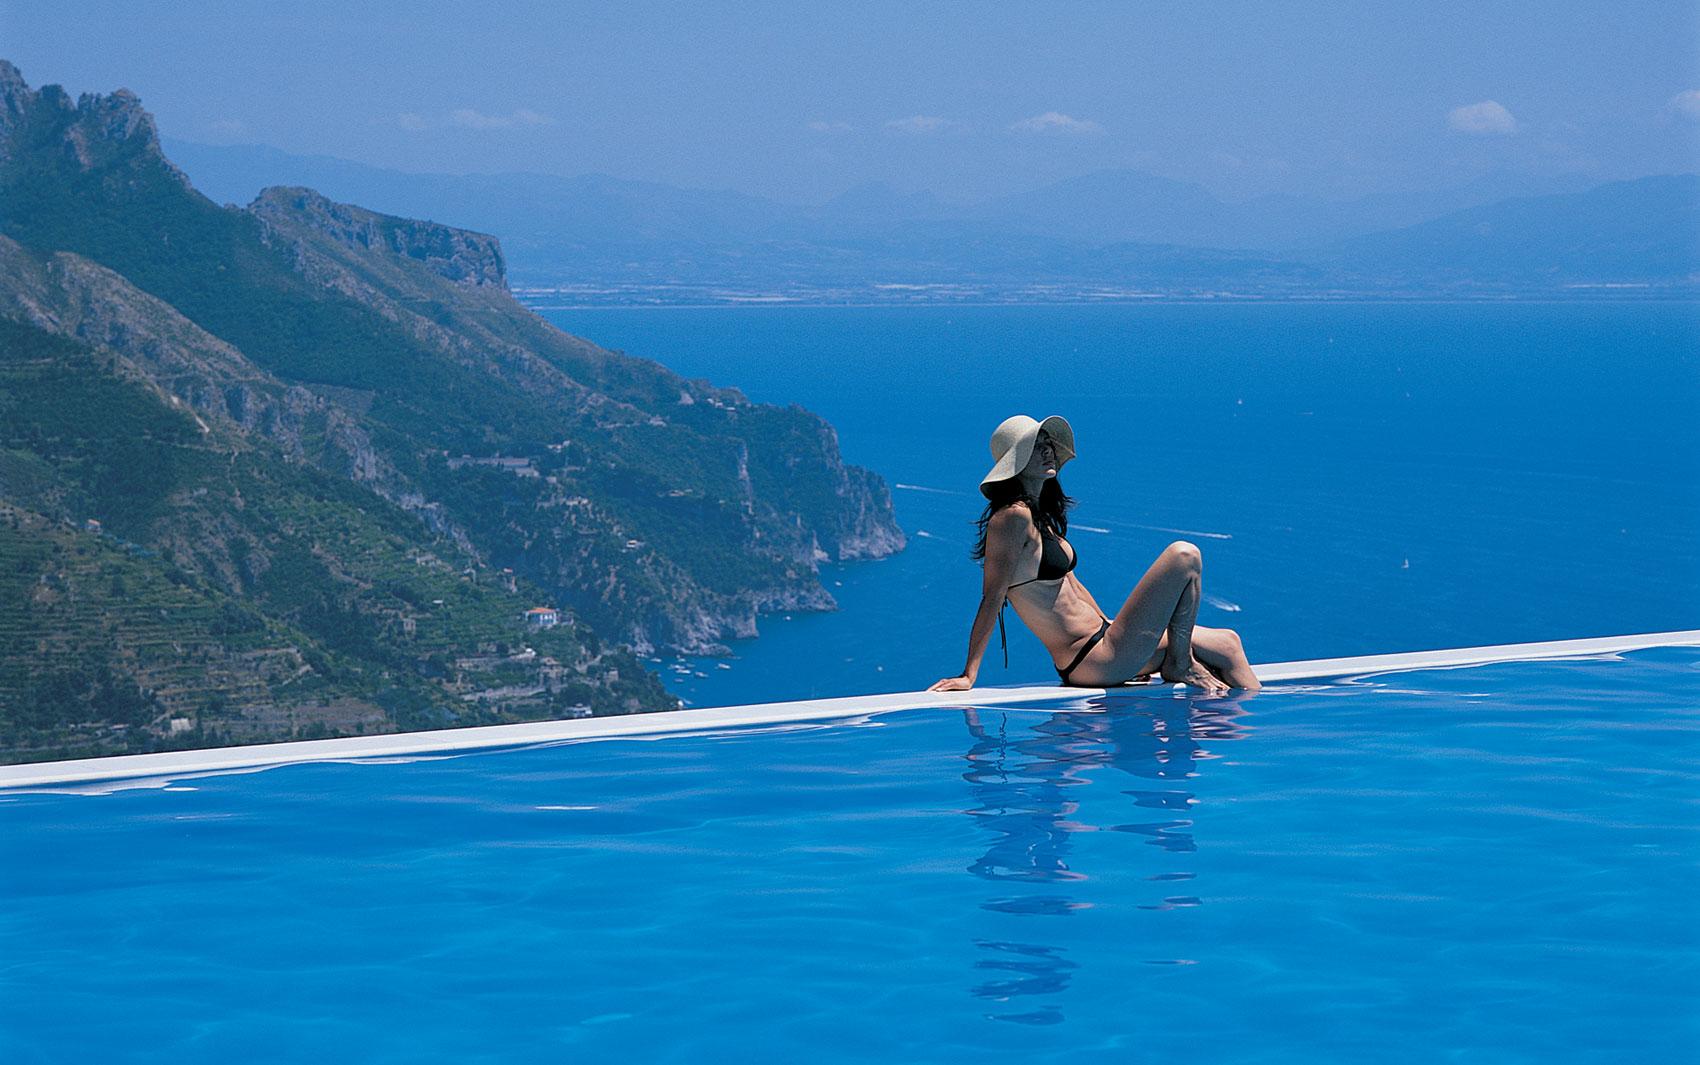 Piscinas infinitas são aquelas que dão a ilusão de que a água se estende até o horizonte. Além de bela, a do hotel Hotel Caruso Belvedere, na Itália, tem mordomias para os hóspedes: um concierge leva frutas frescas, bebidas e até iPod para os banhistas